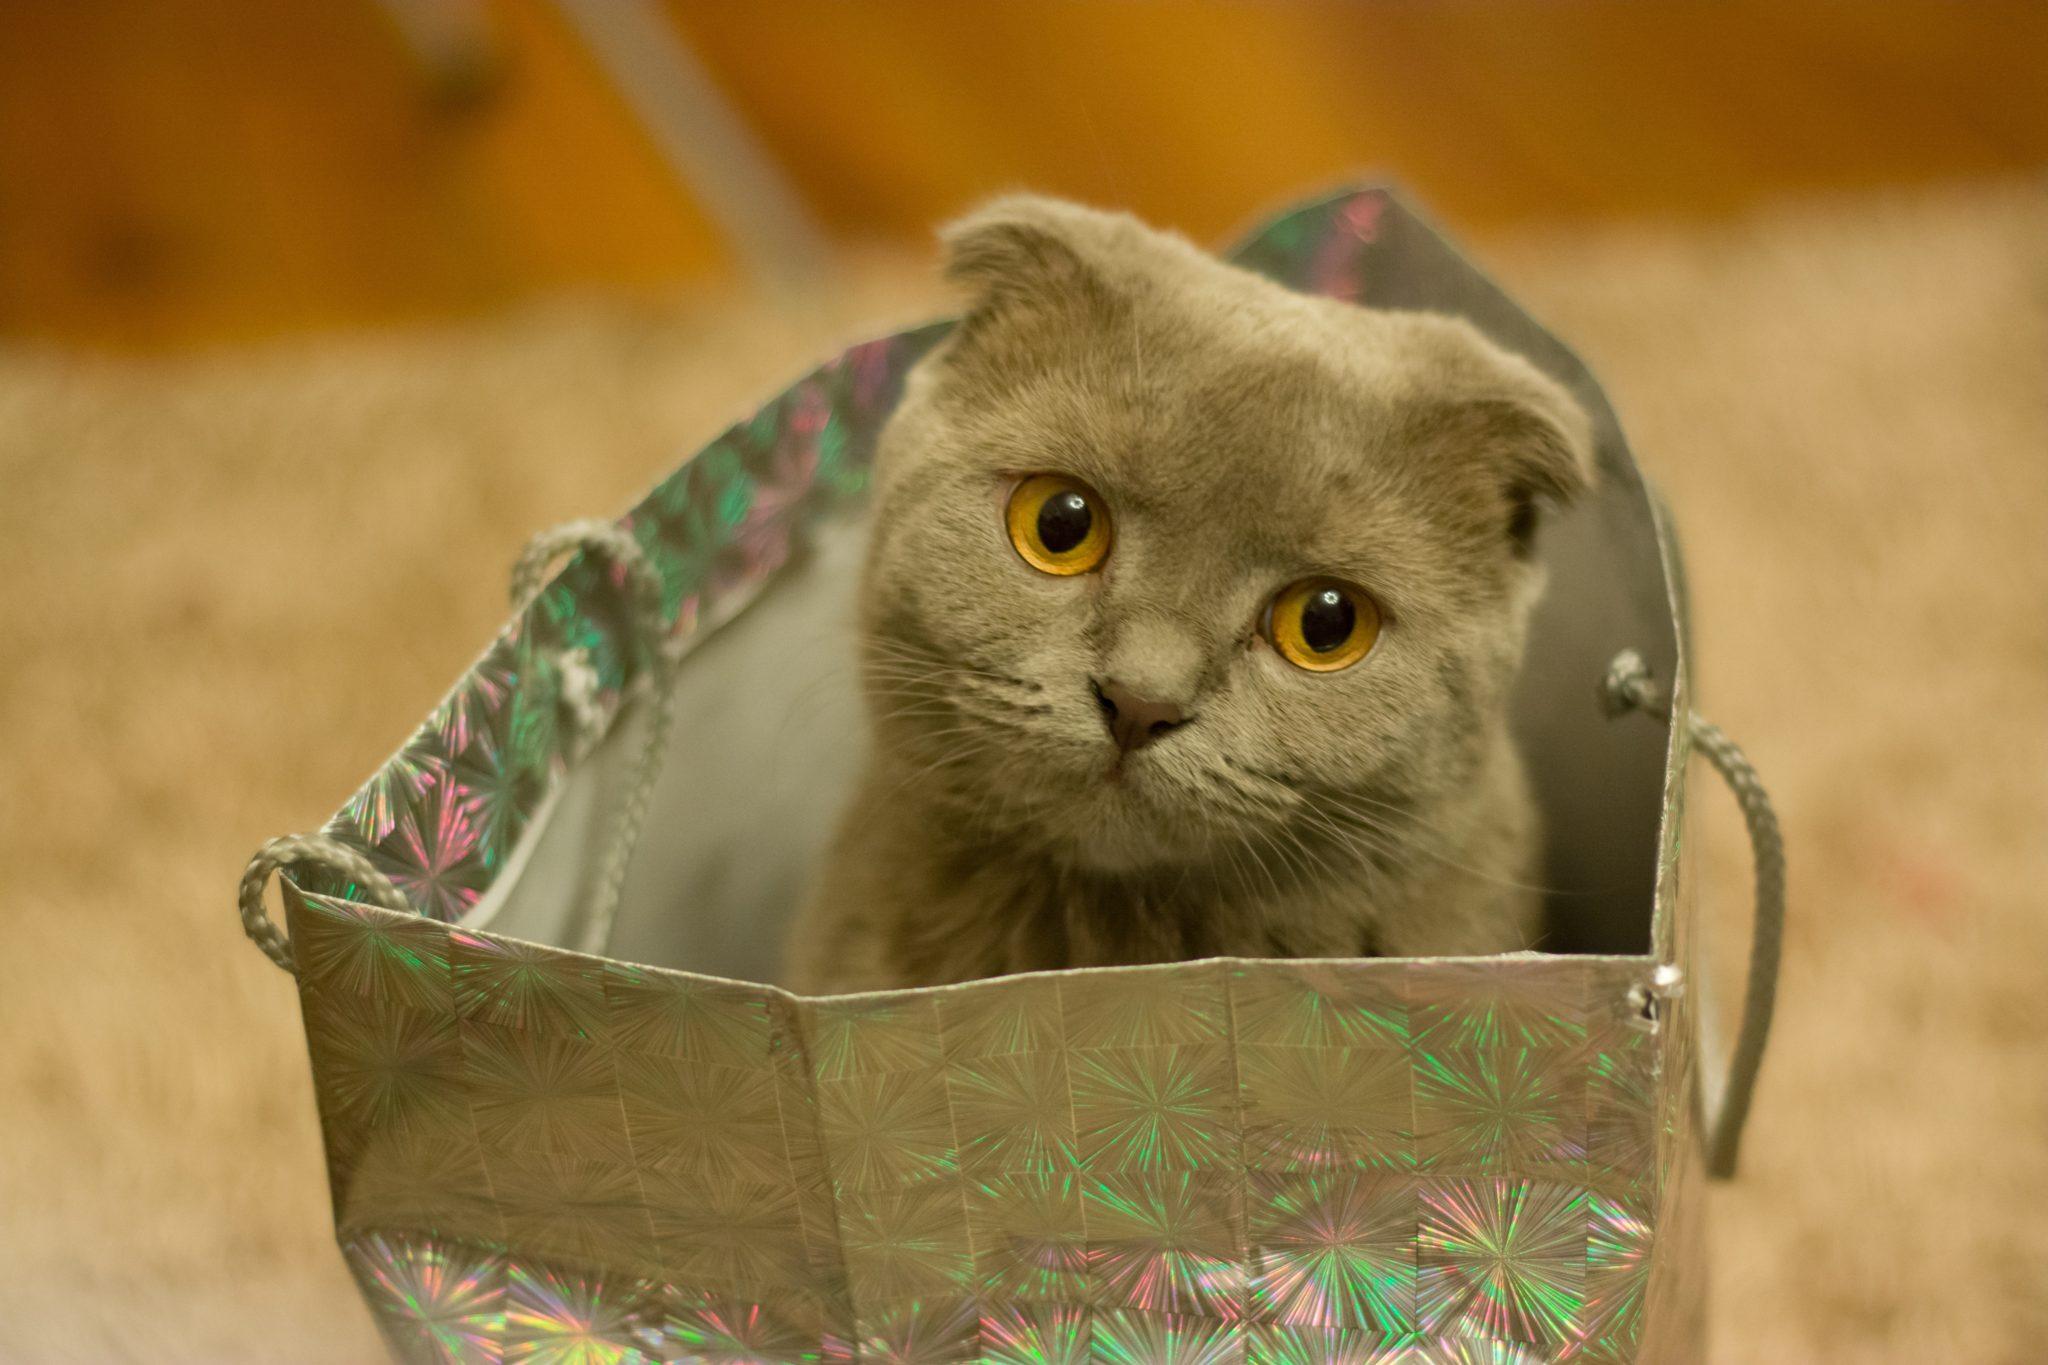 Słodki kociak w torebce prezentowej